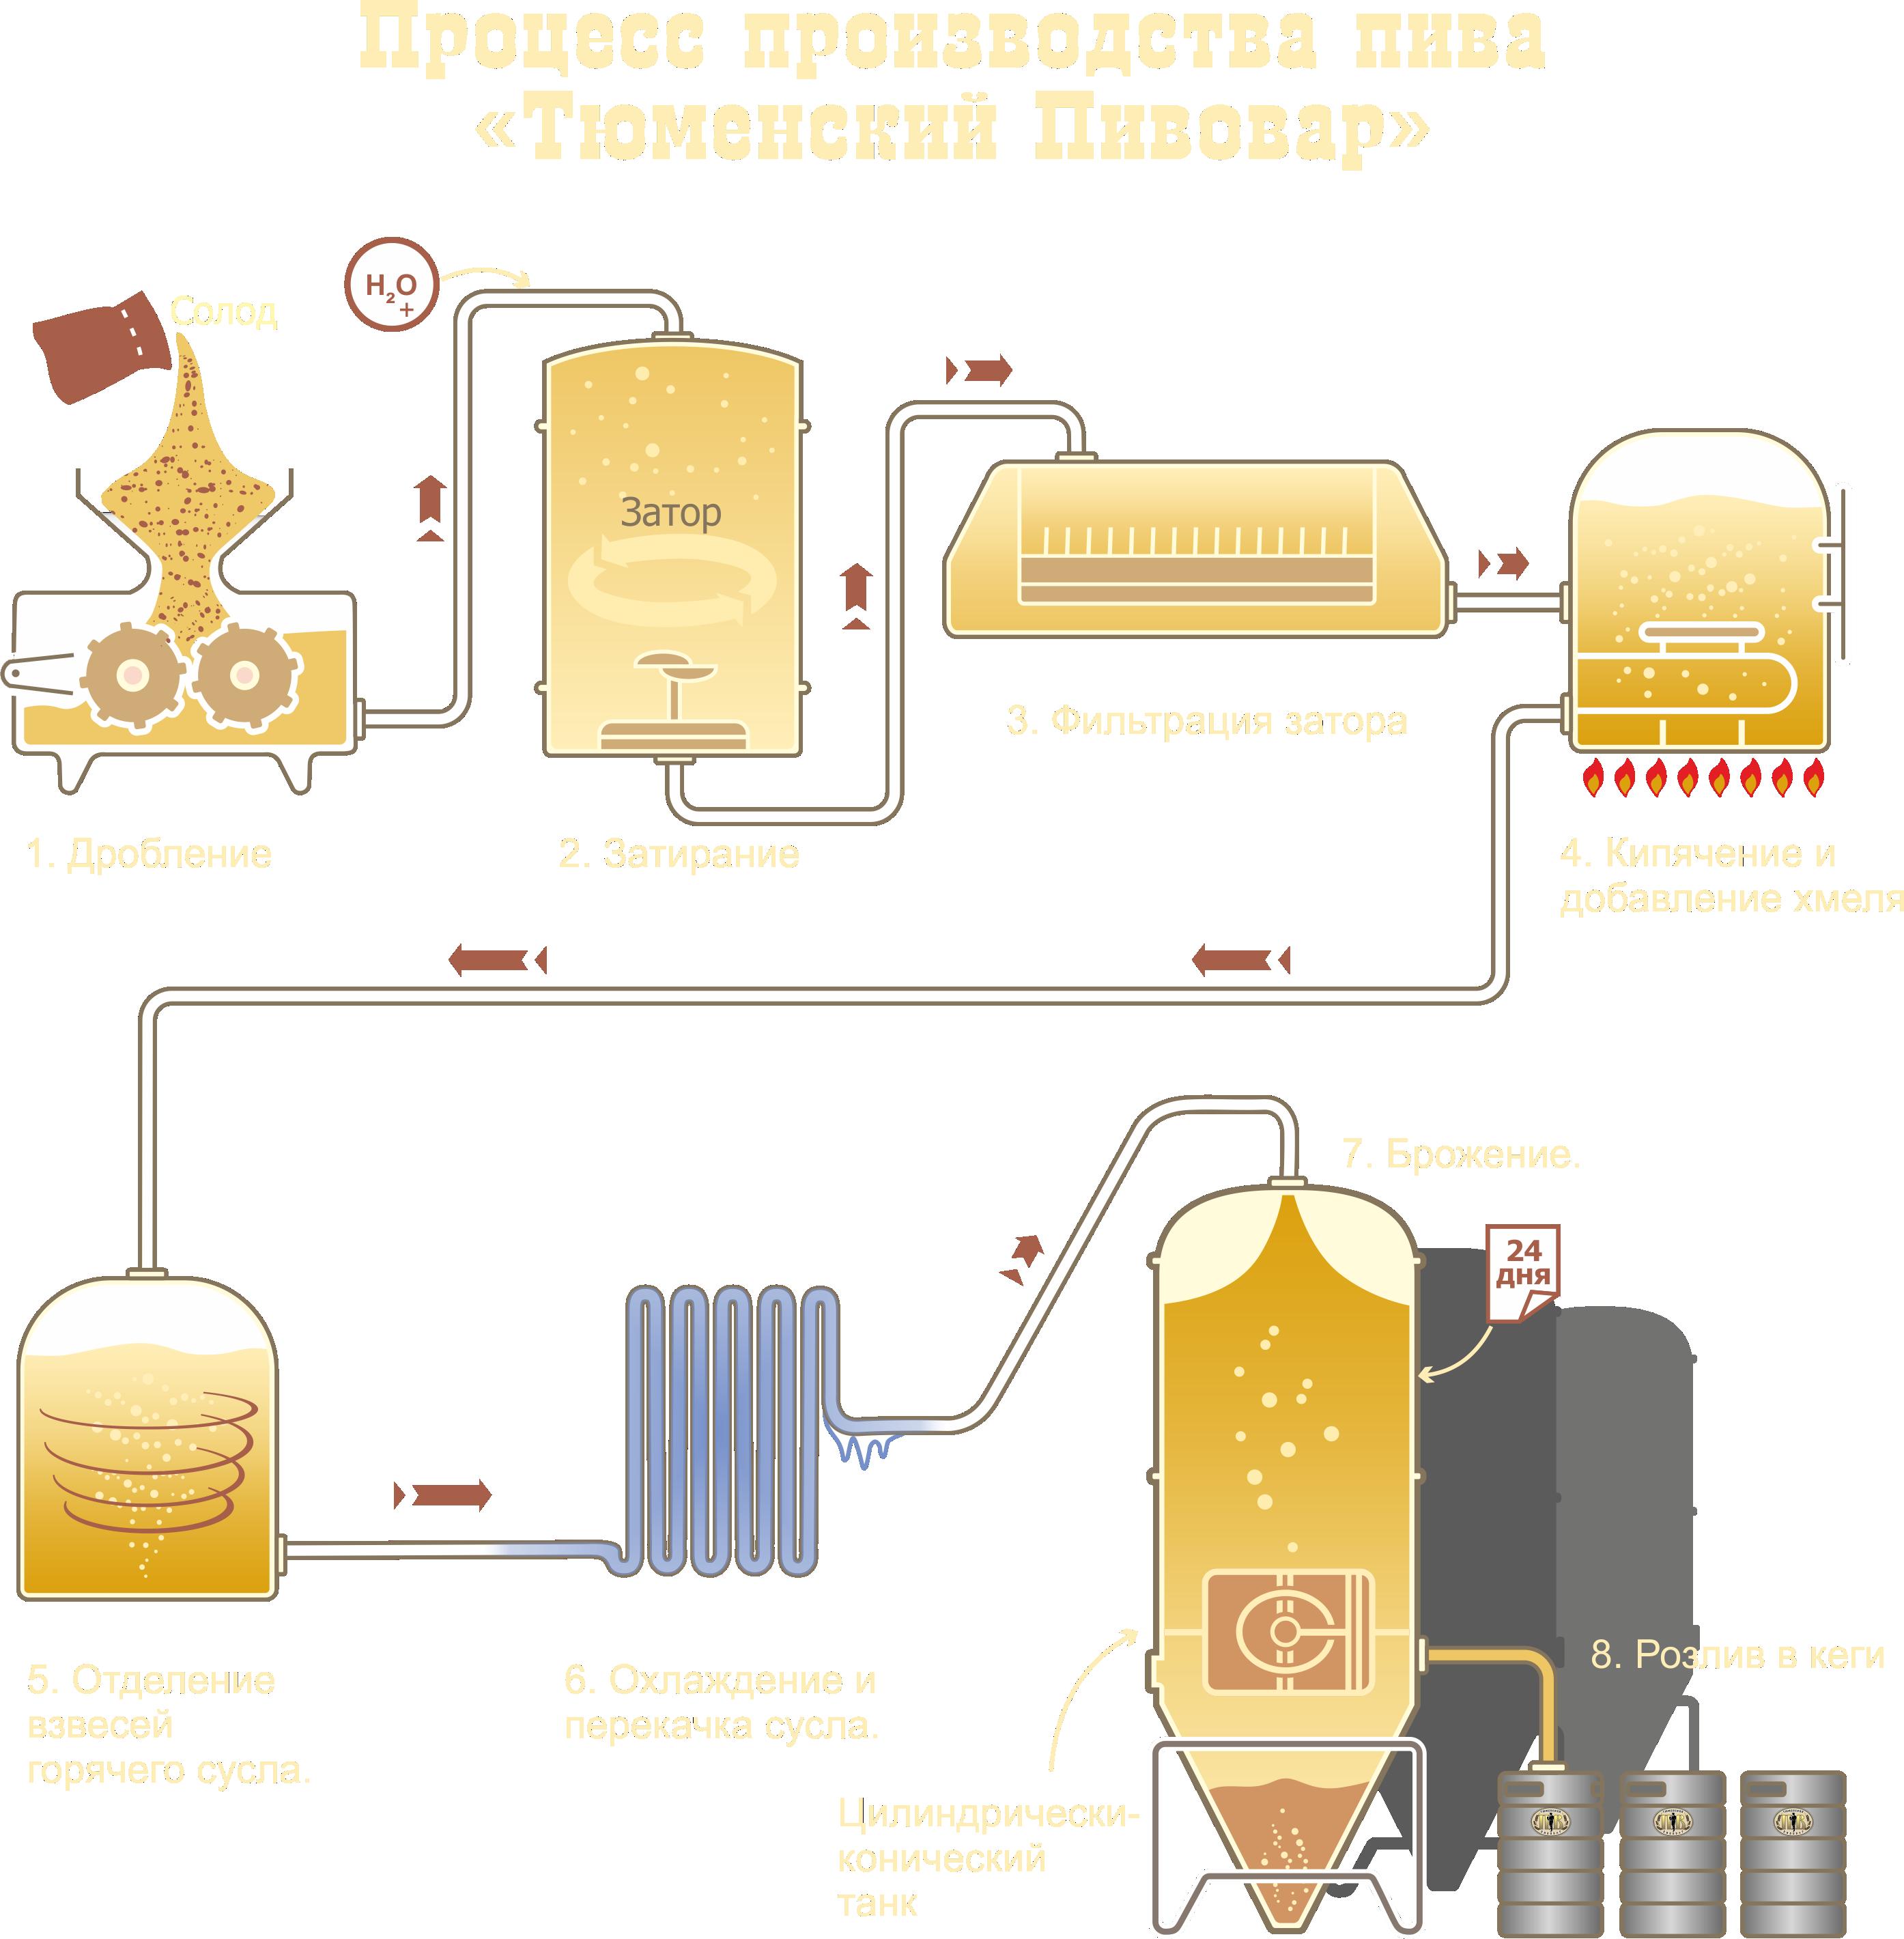 Порошковое пиво. технология производства пива. как отличить порошковое пиво от натурального? особенности технологического процесса пивоварения